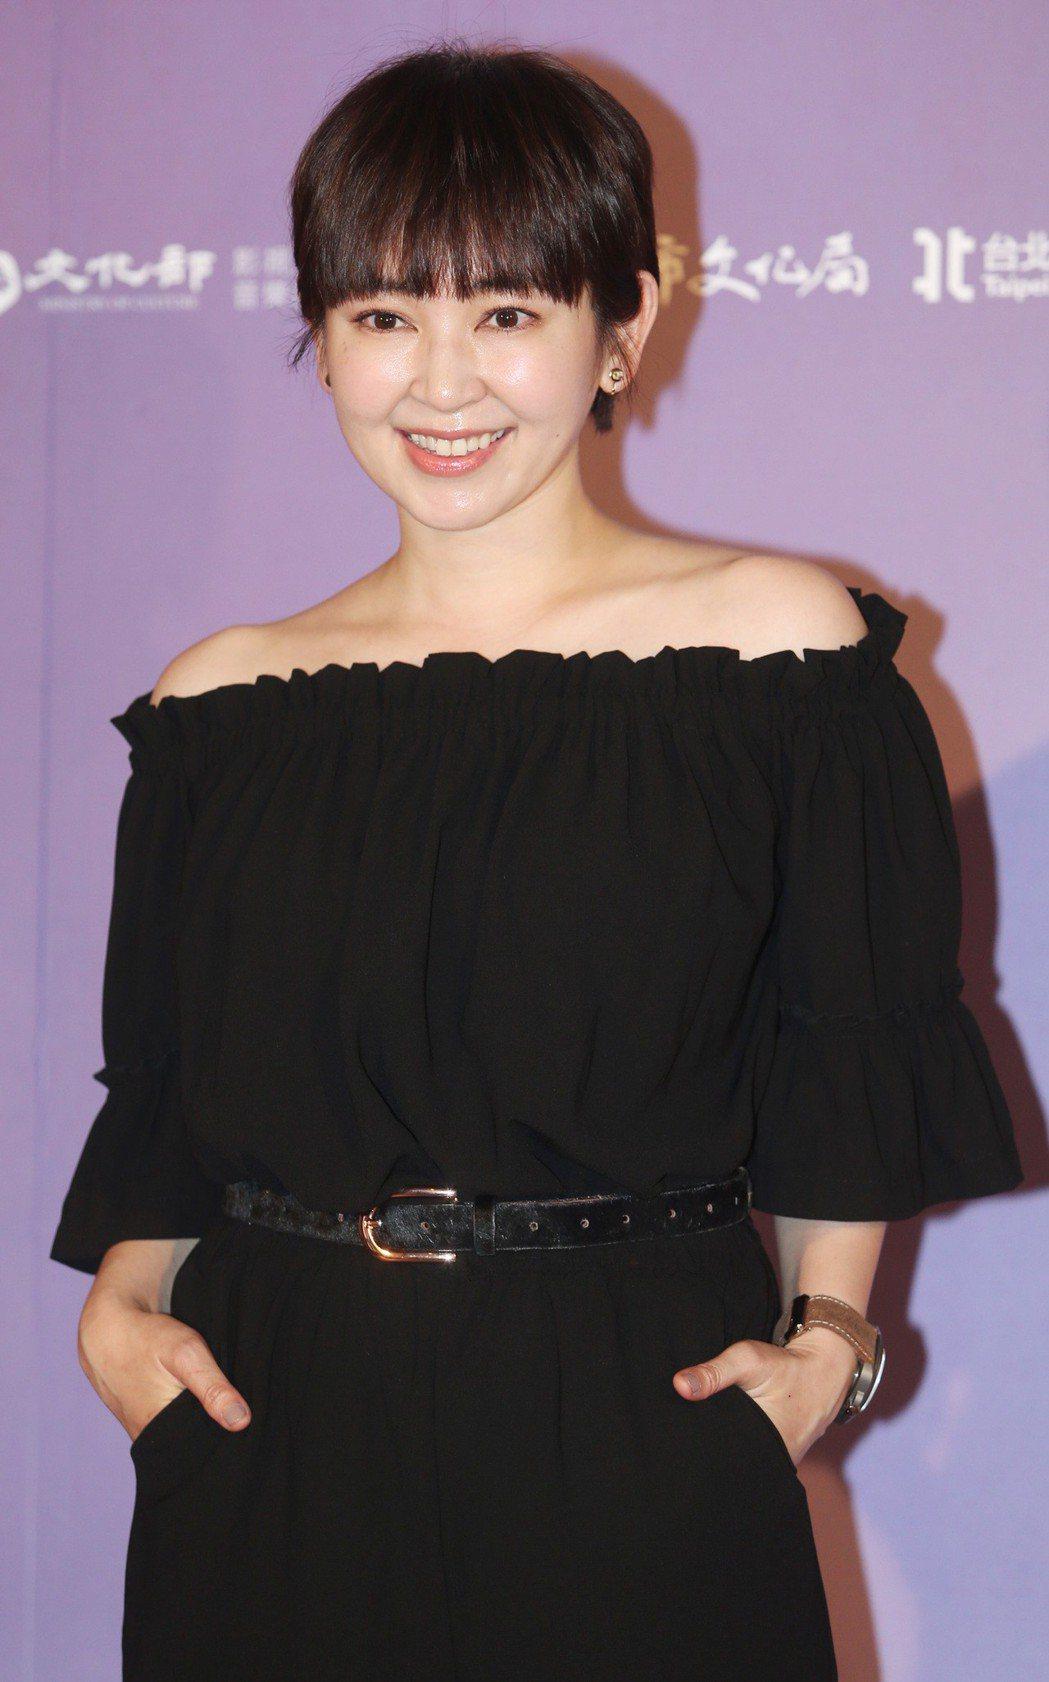 2018台北電影節形象廣告演員蔡燦得出席發布會。記者侯永全/攝影